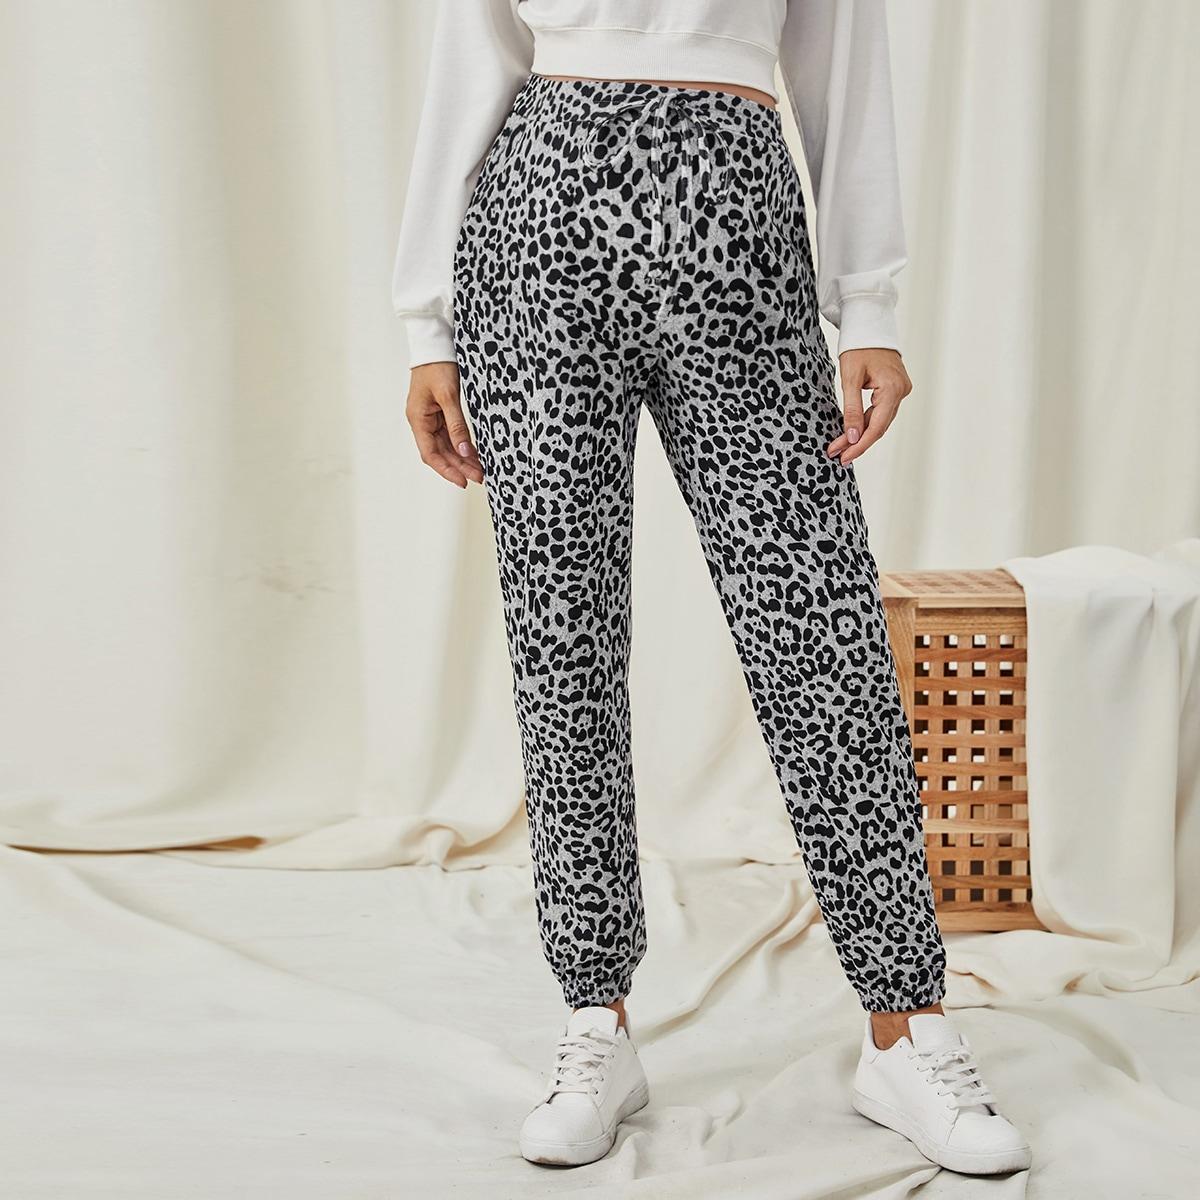 Леопардовые брюки с кружевной талией для беременных